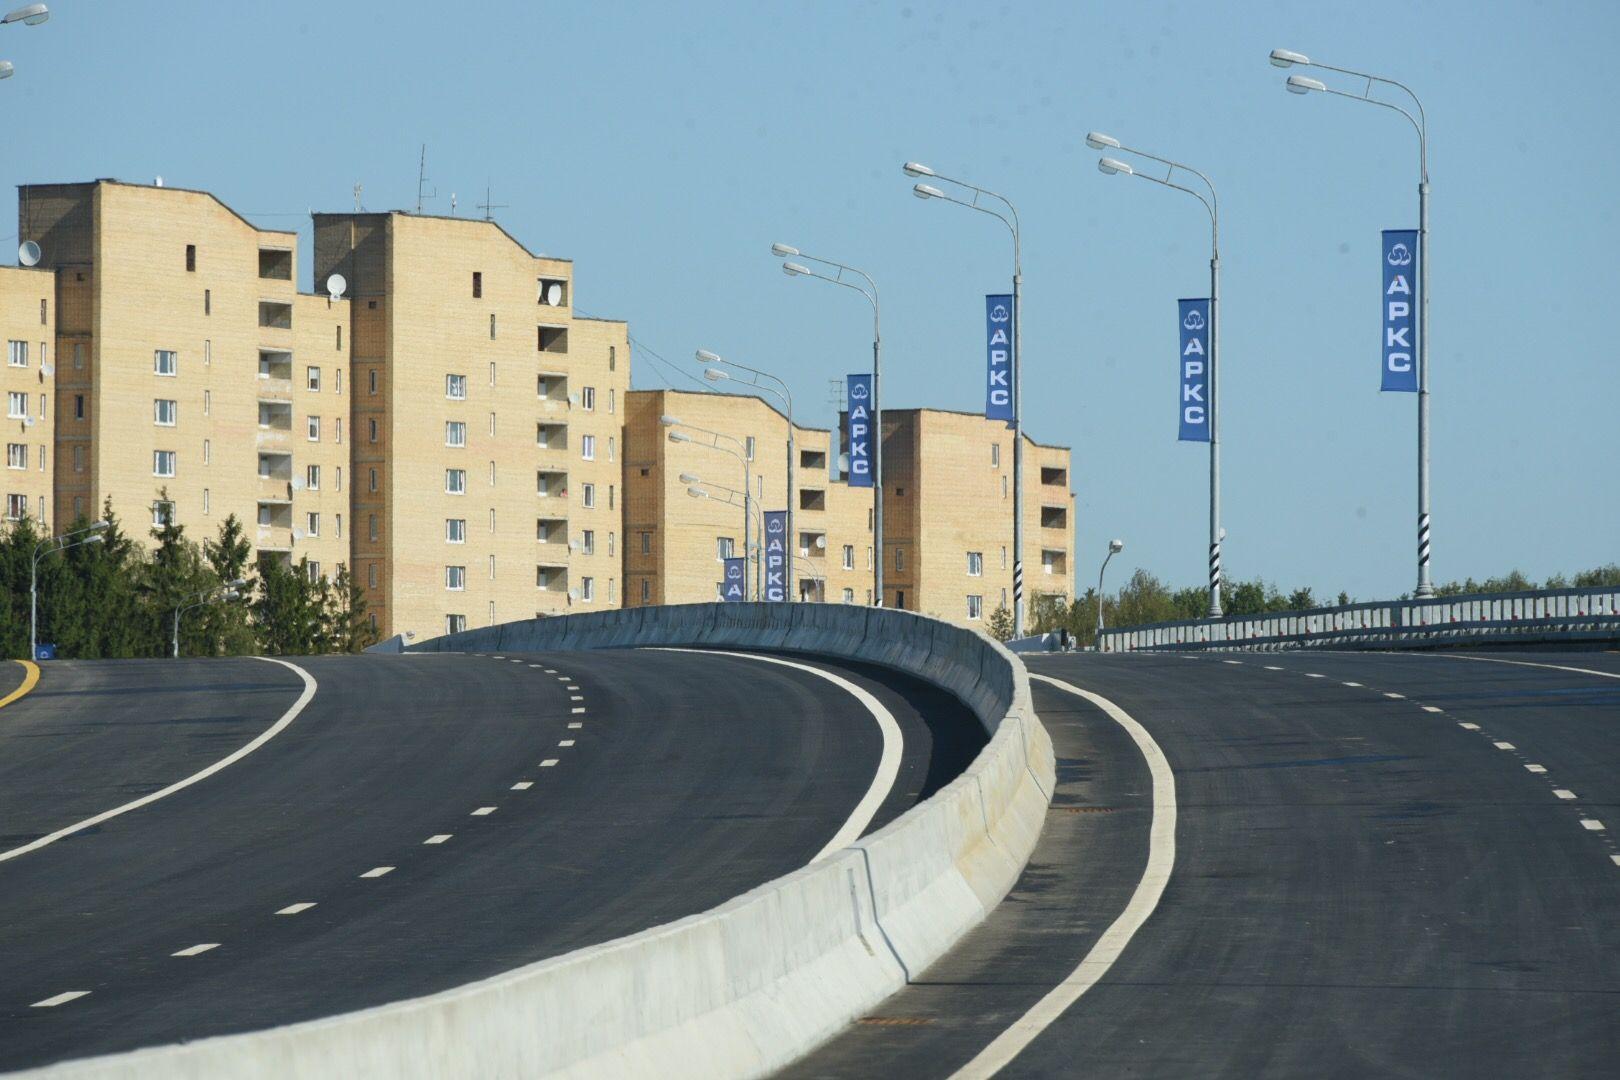 Съезд с Калужского шоссе улучшит транспортную доступность территорий Новой Москвы